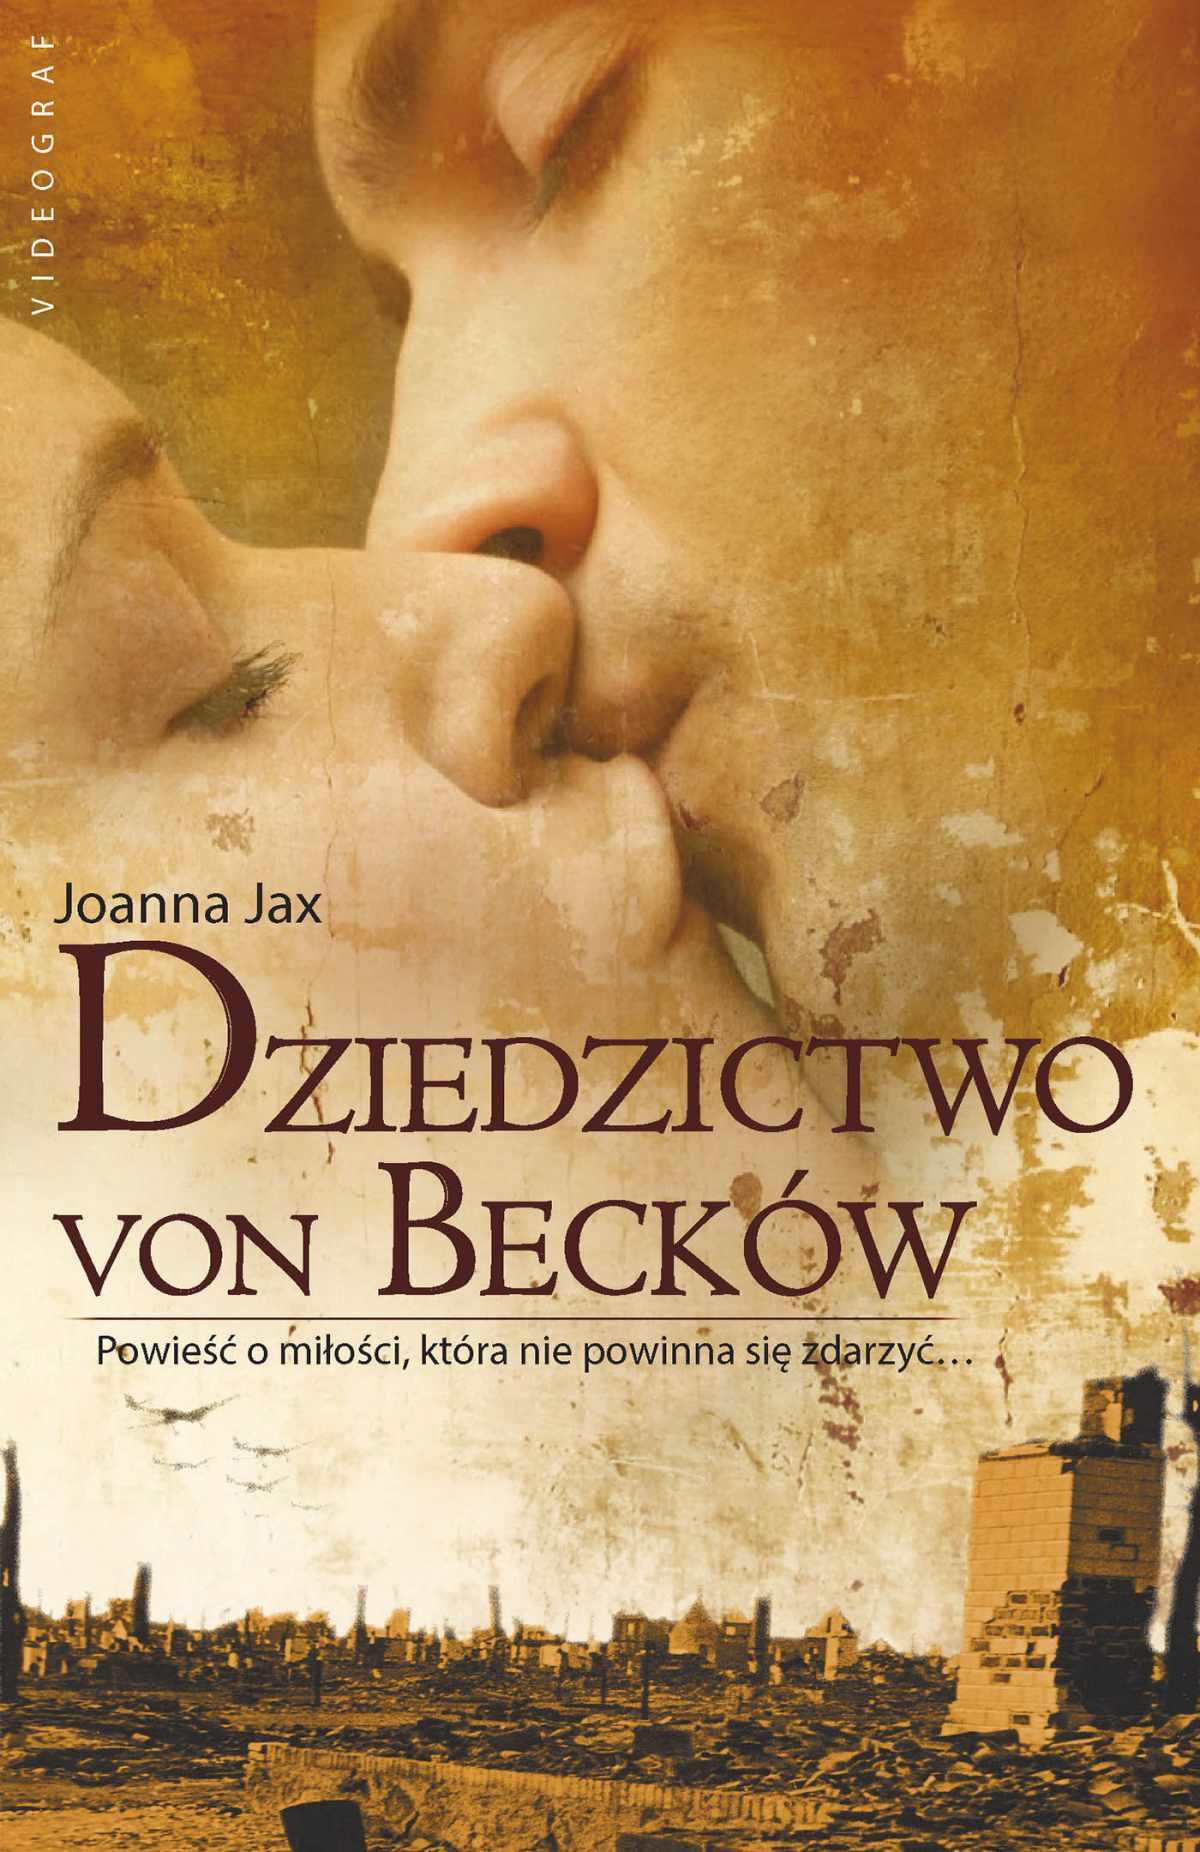 Dziedzictwo von Becków - Ebook (Książka EPUB) do pobrania w formacie EPUB